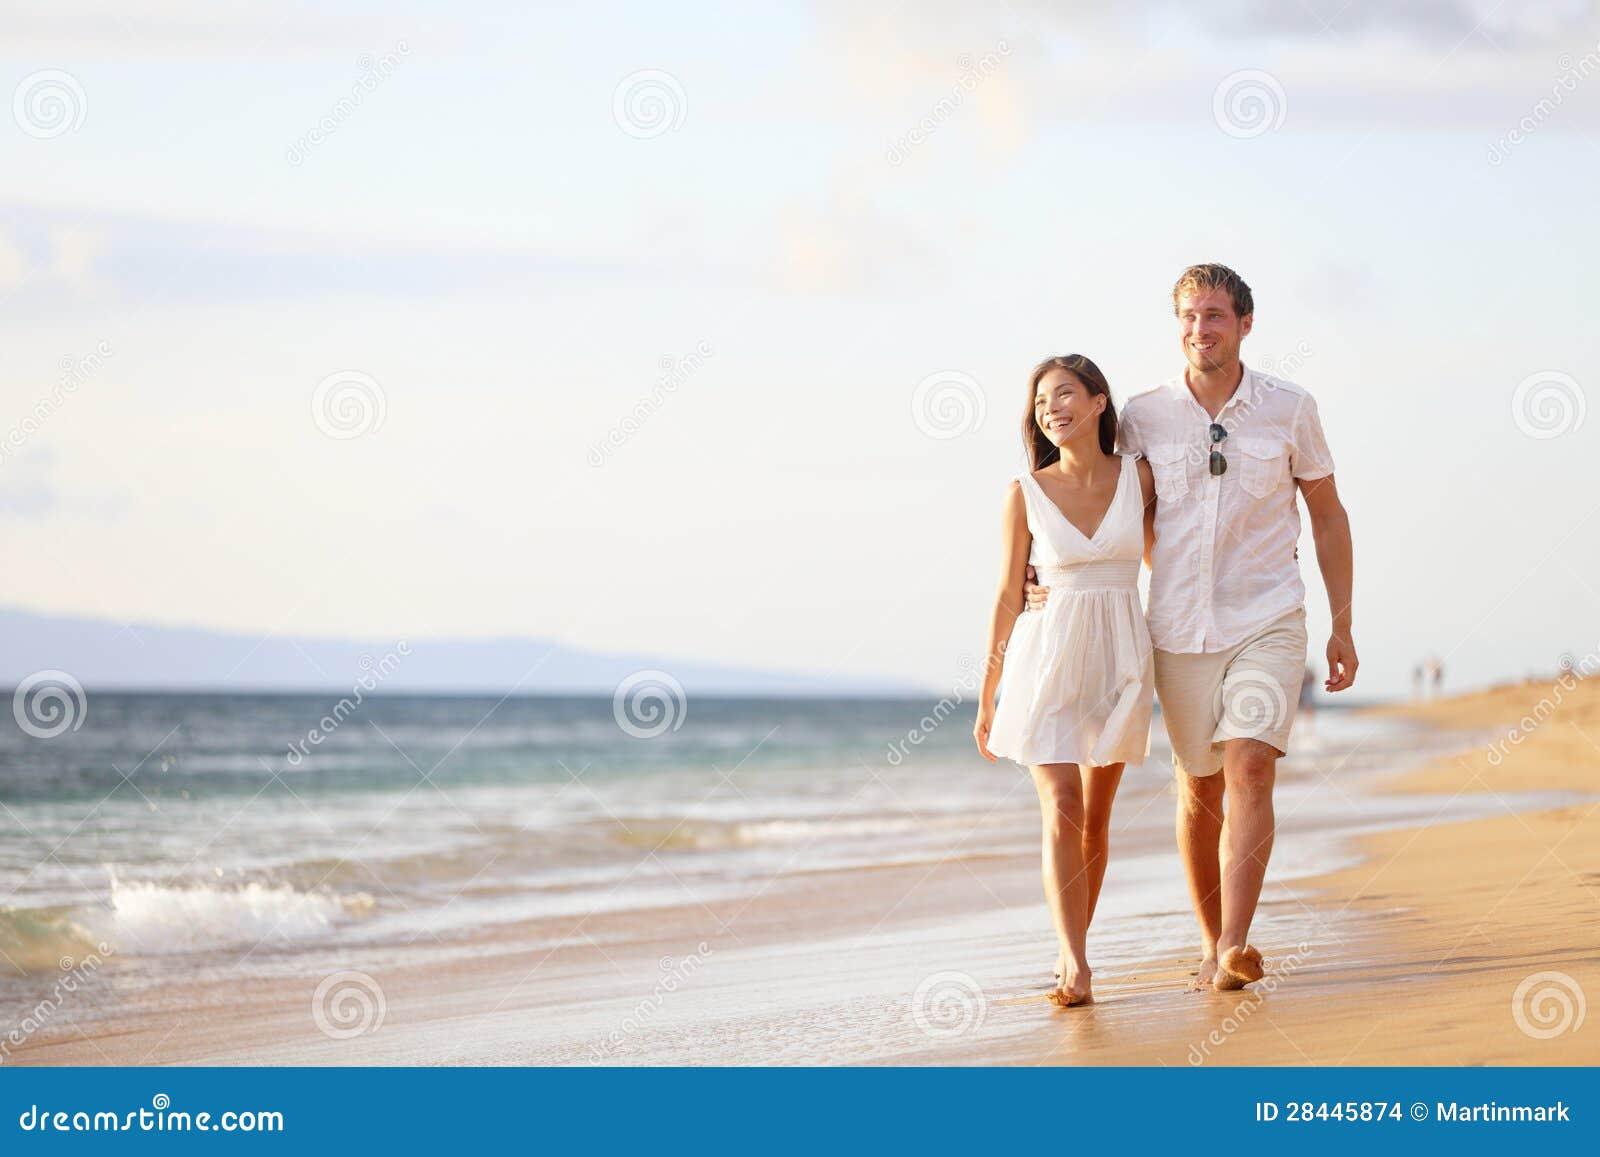 Фото мужчина и женщина идут 20 фотография